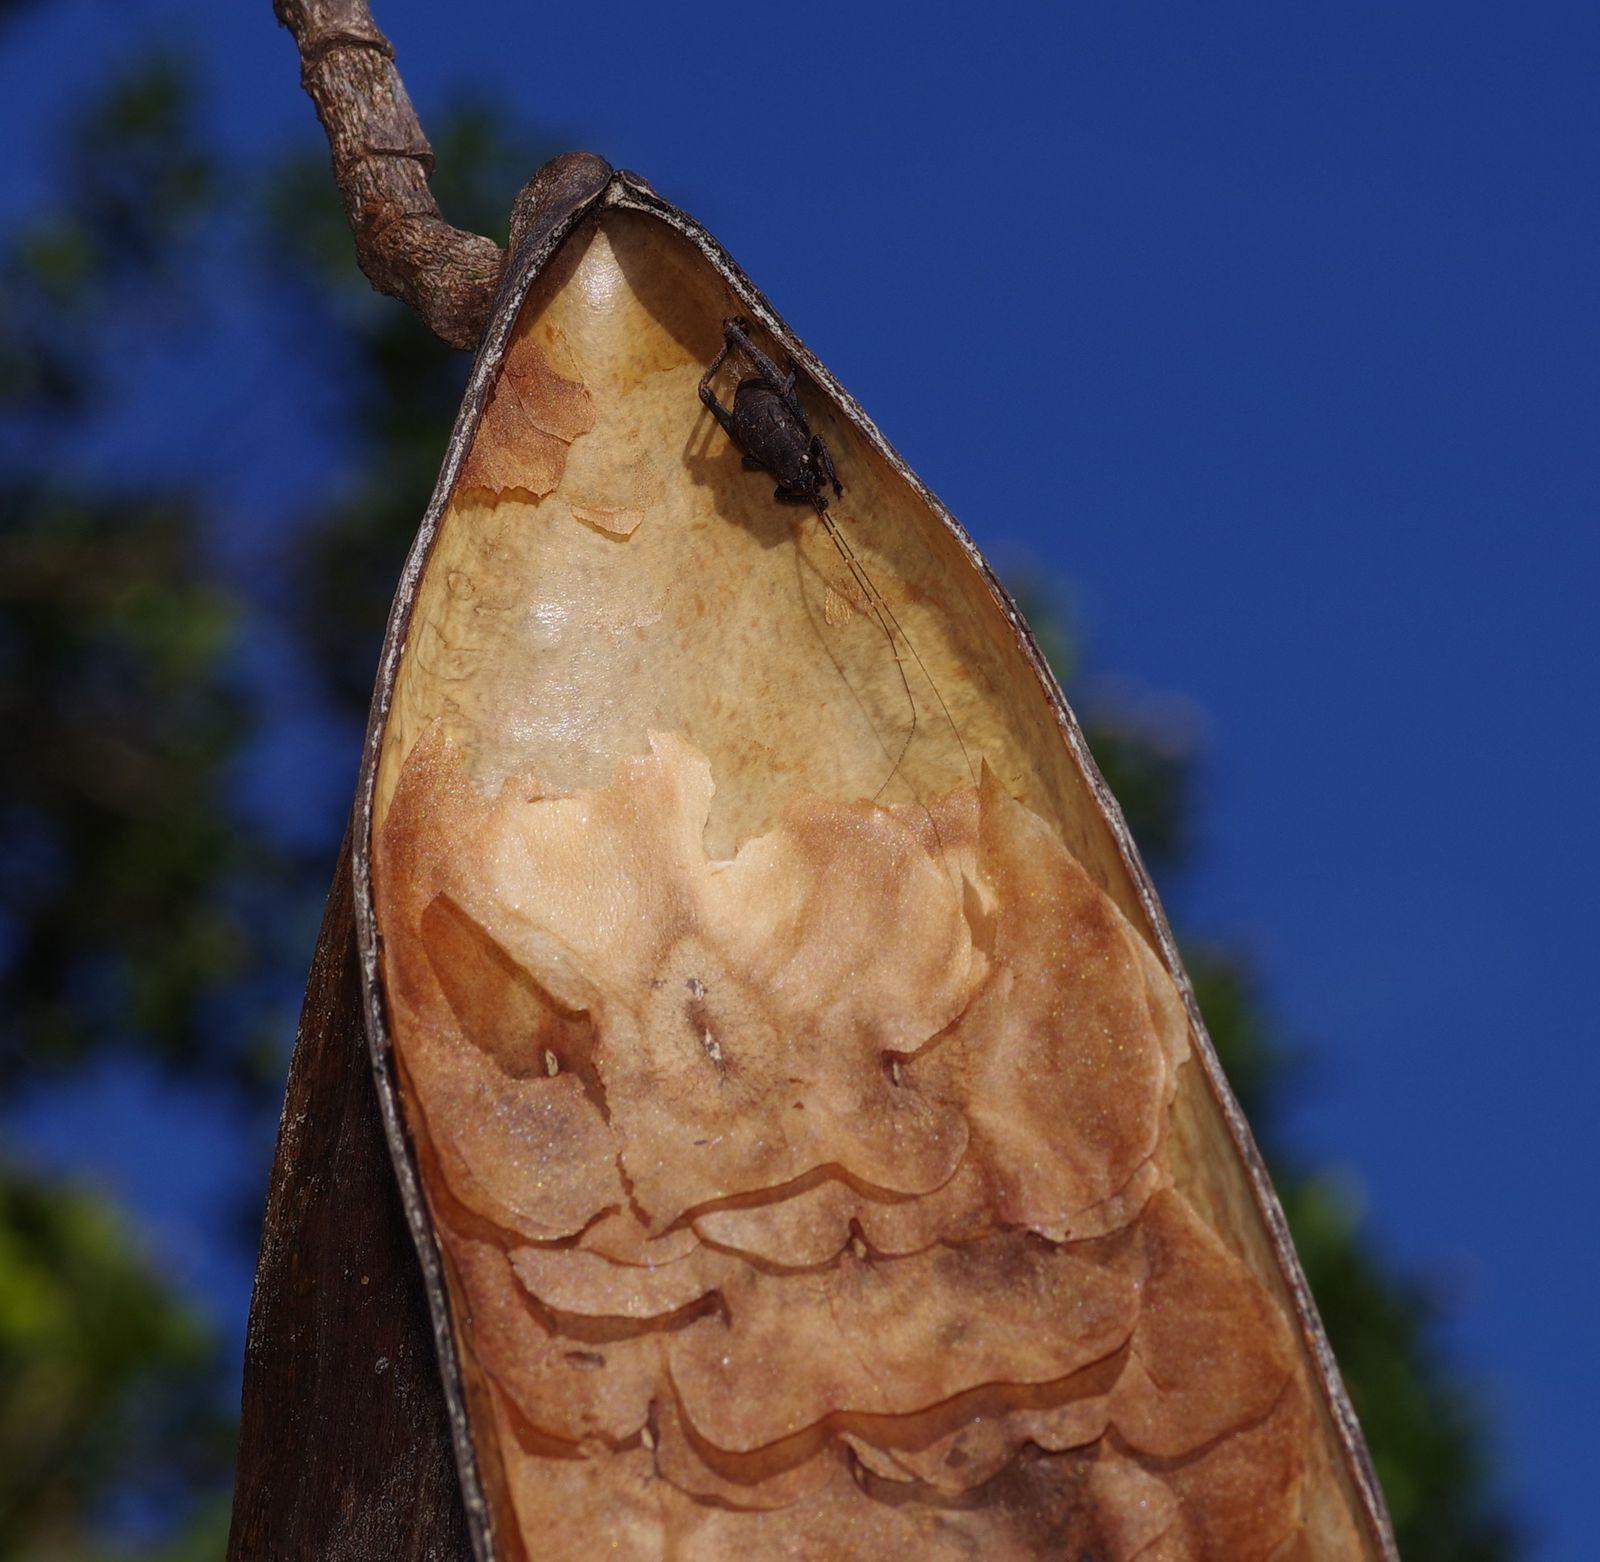 Himatanthus phagedaenicus